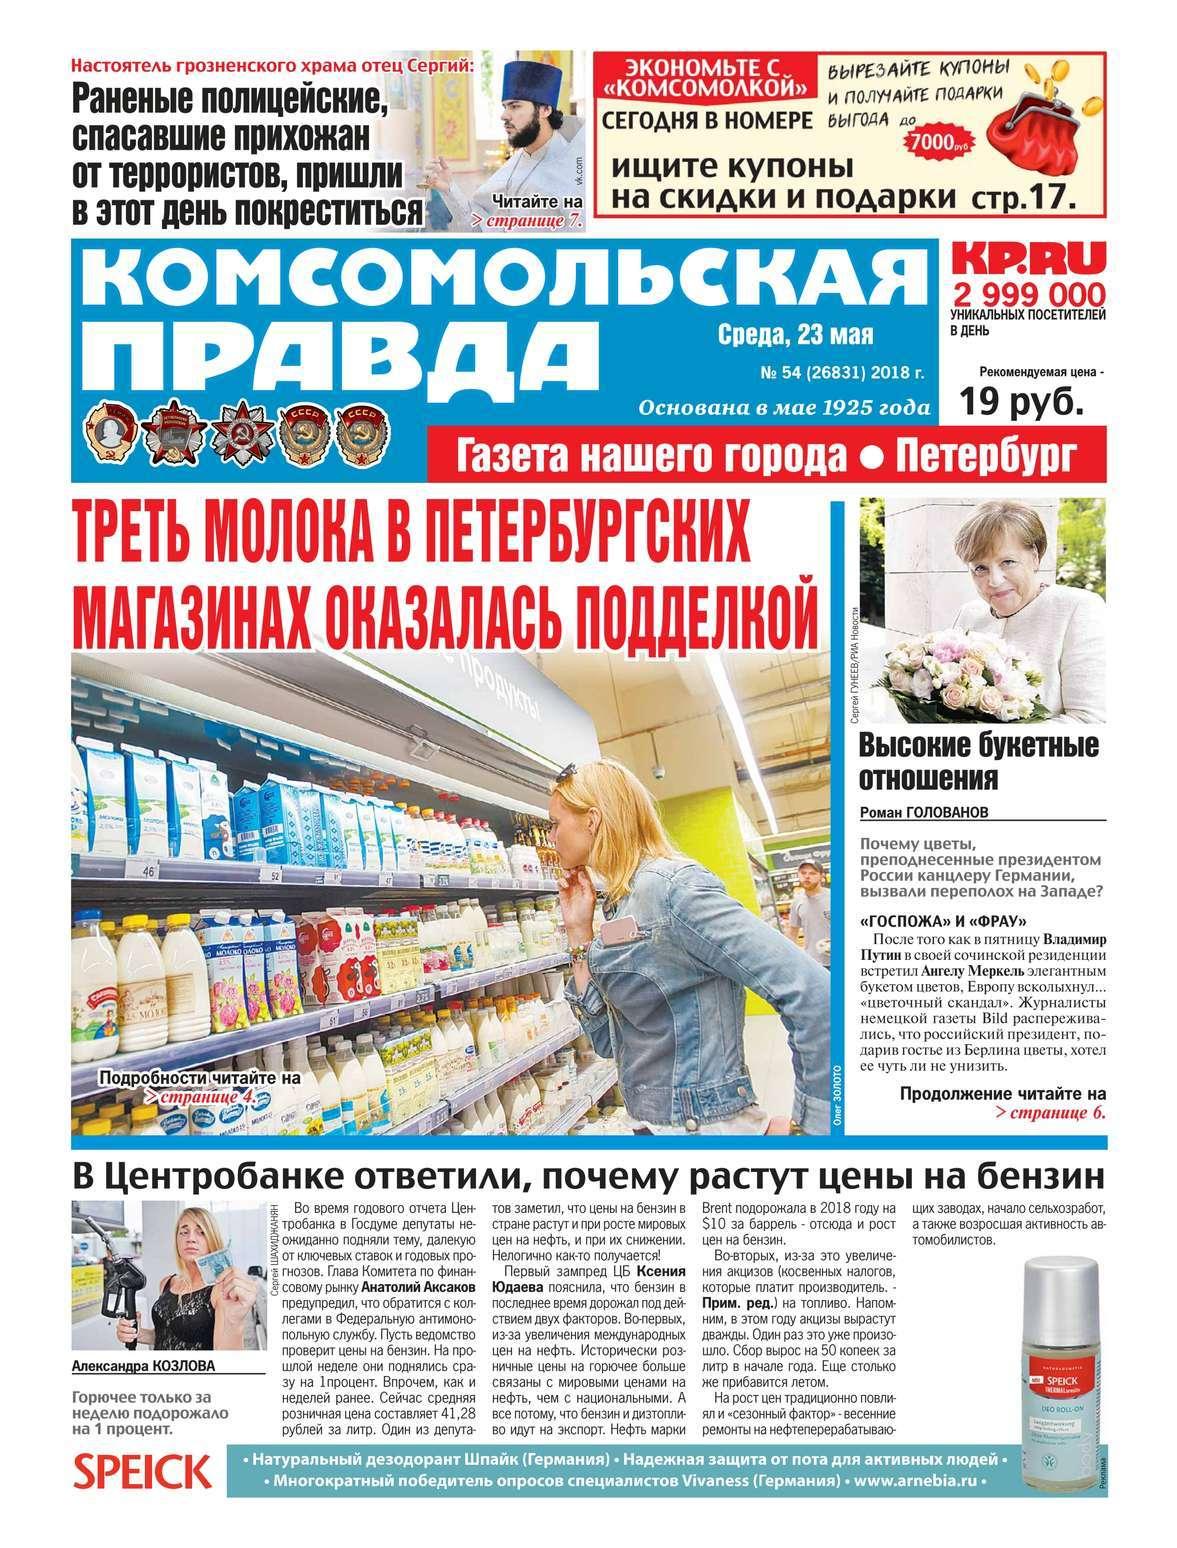 Редакция газеты Комсомольская правда. Санкт-Петербург Комсомольская Правда. Санкт-Петербург 54-2018